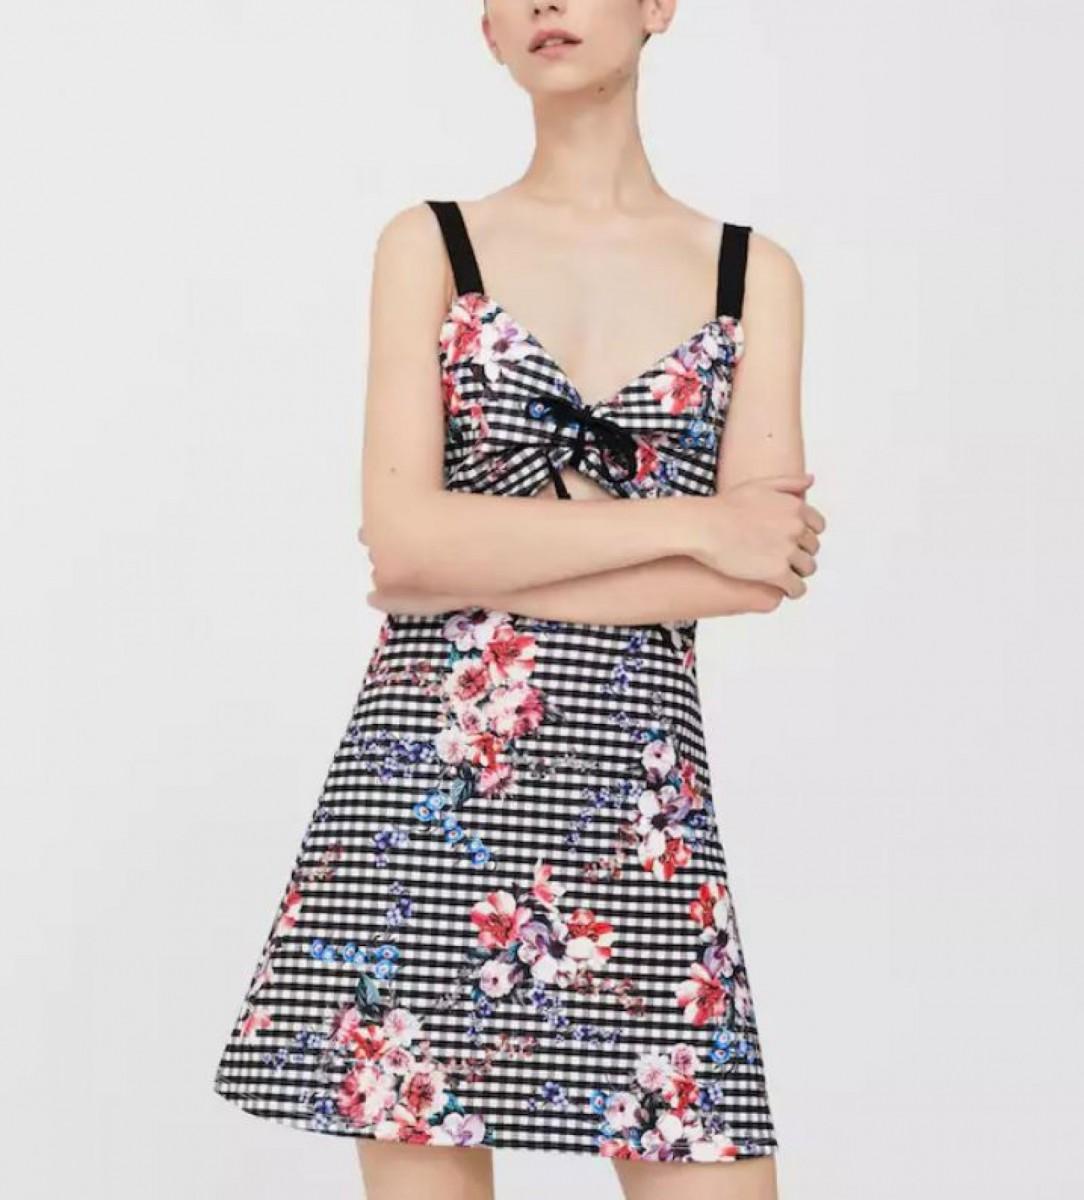 Cravate d'ouverture de robe Mango Outlet à 5 euros (avant 22,99)